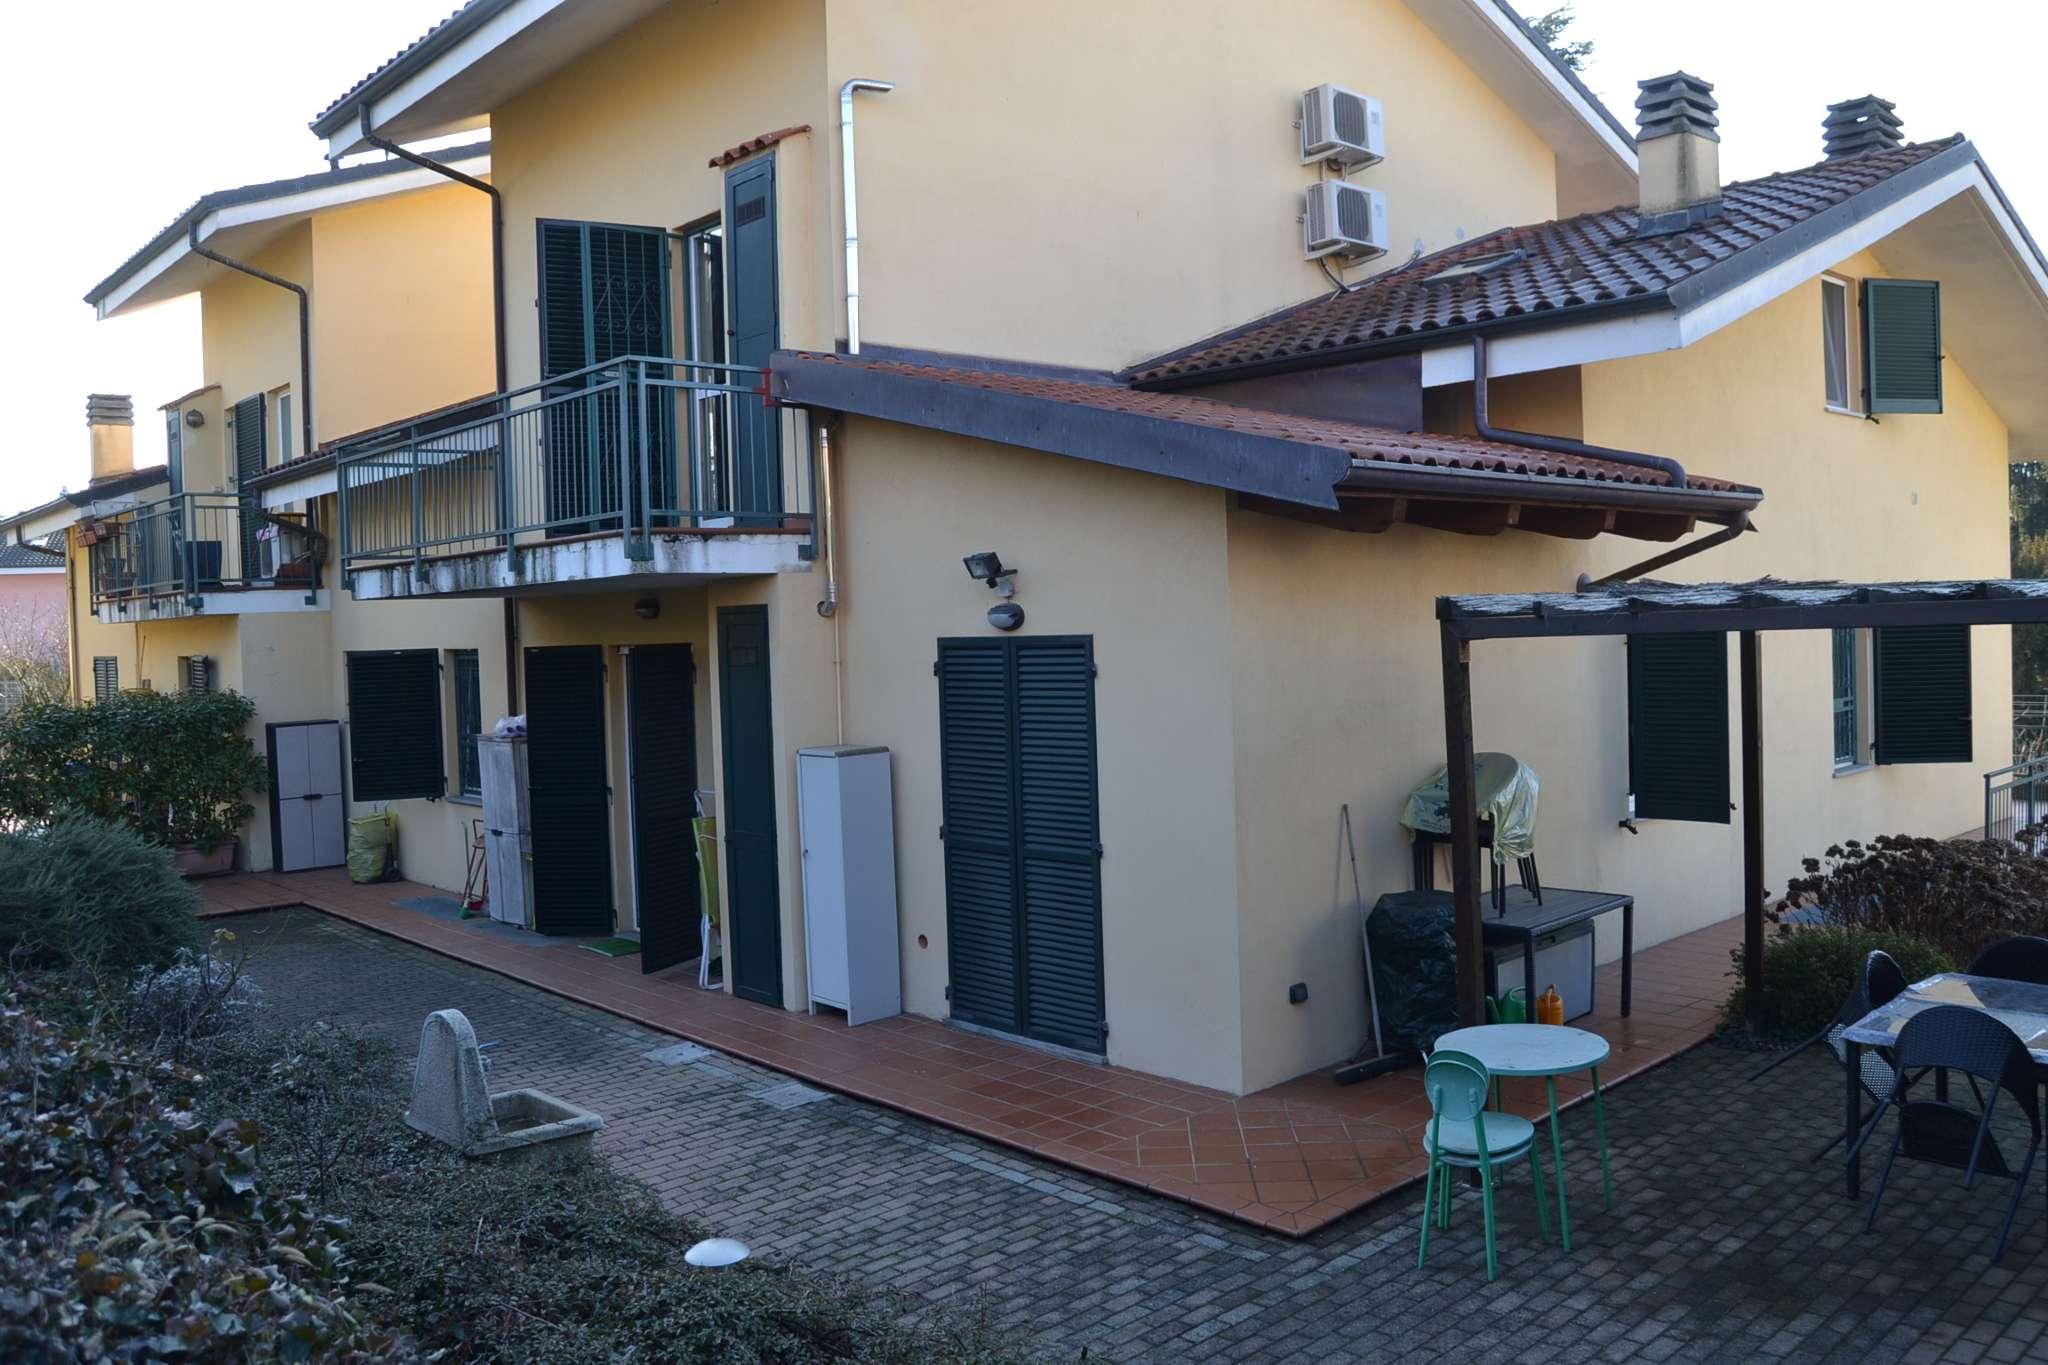 Appartamento in vendita a Trofarello, 5 locali, prezzo € 300.000 | CambioCasa.it